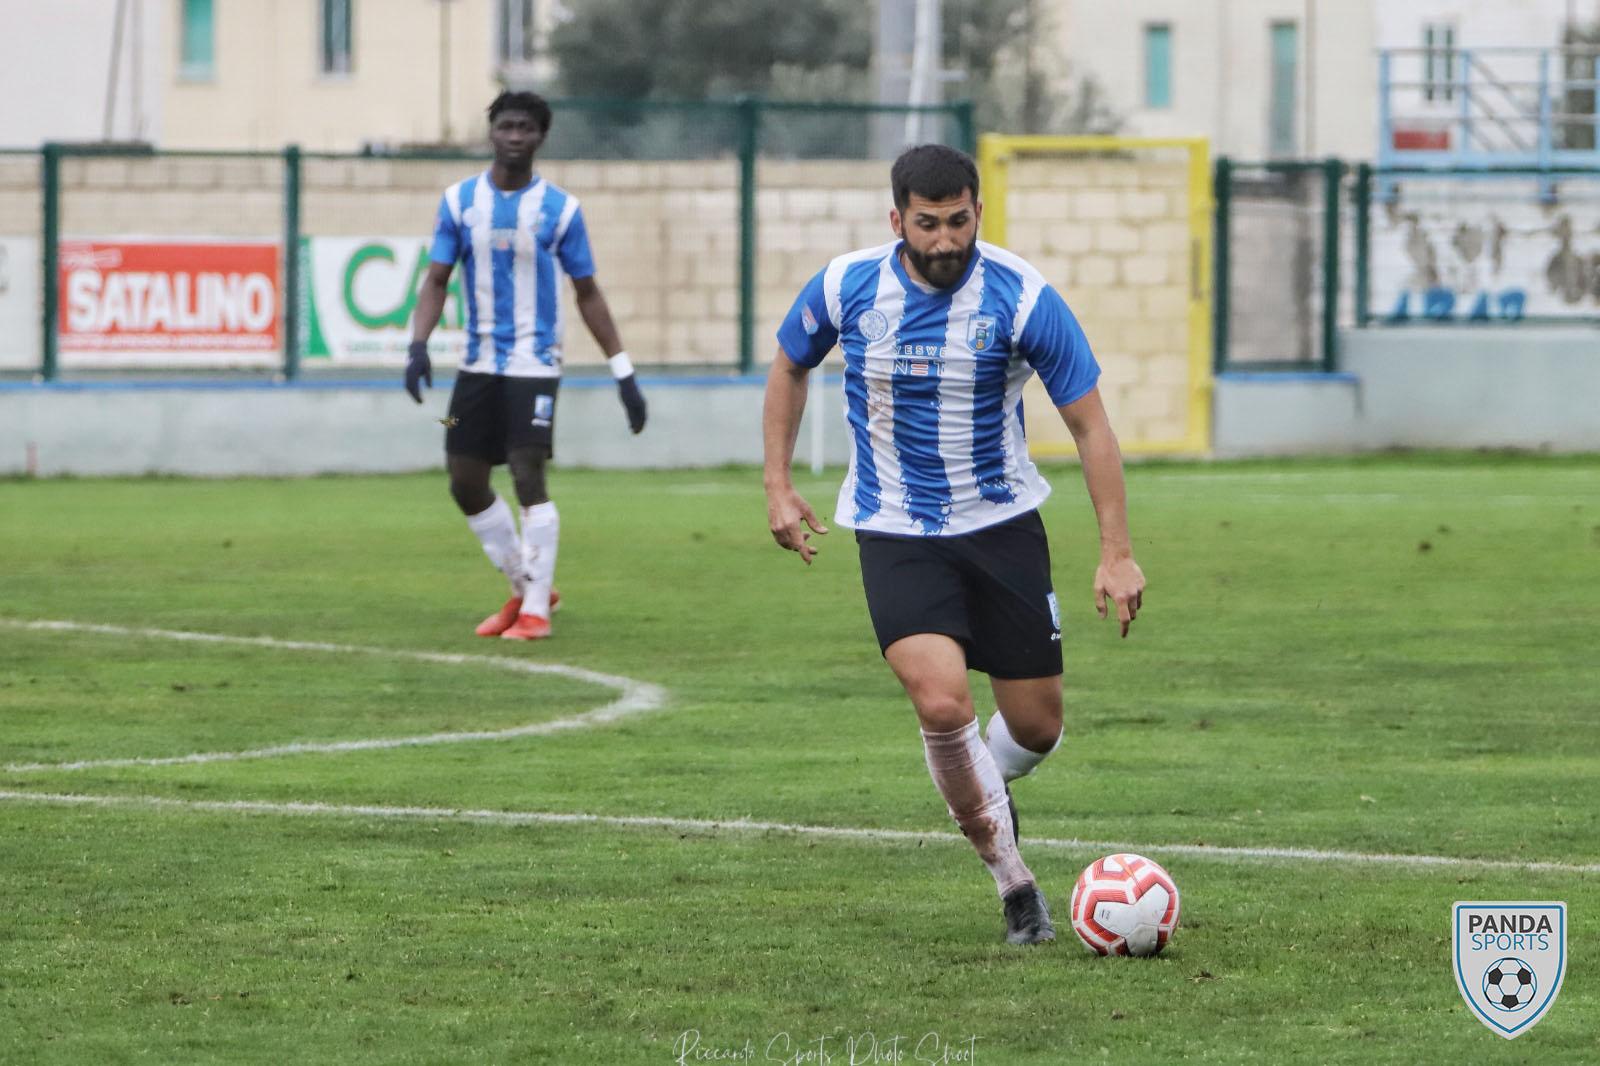 Panda Sports incorpora al mediocentro italiano Fabio Meduri que juega actualmente en el US Città di Fasano de la Serie D italiana.